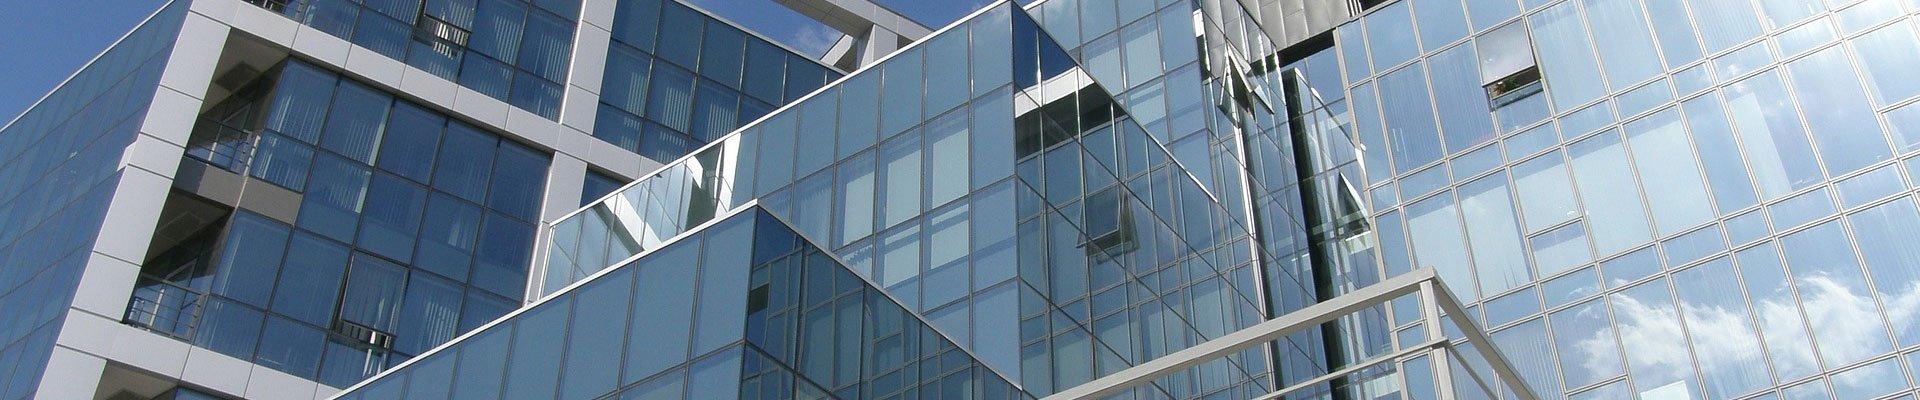 Bürogebäude mit Glasfassade